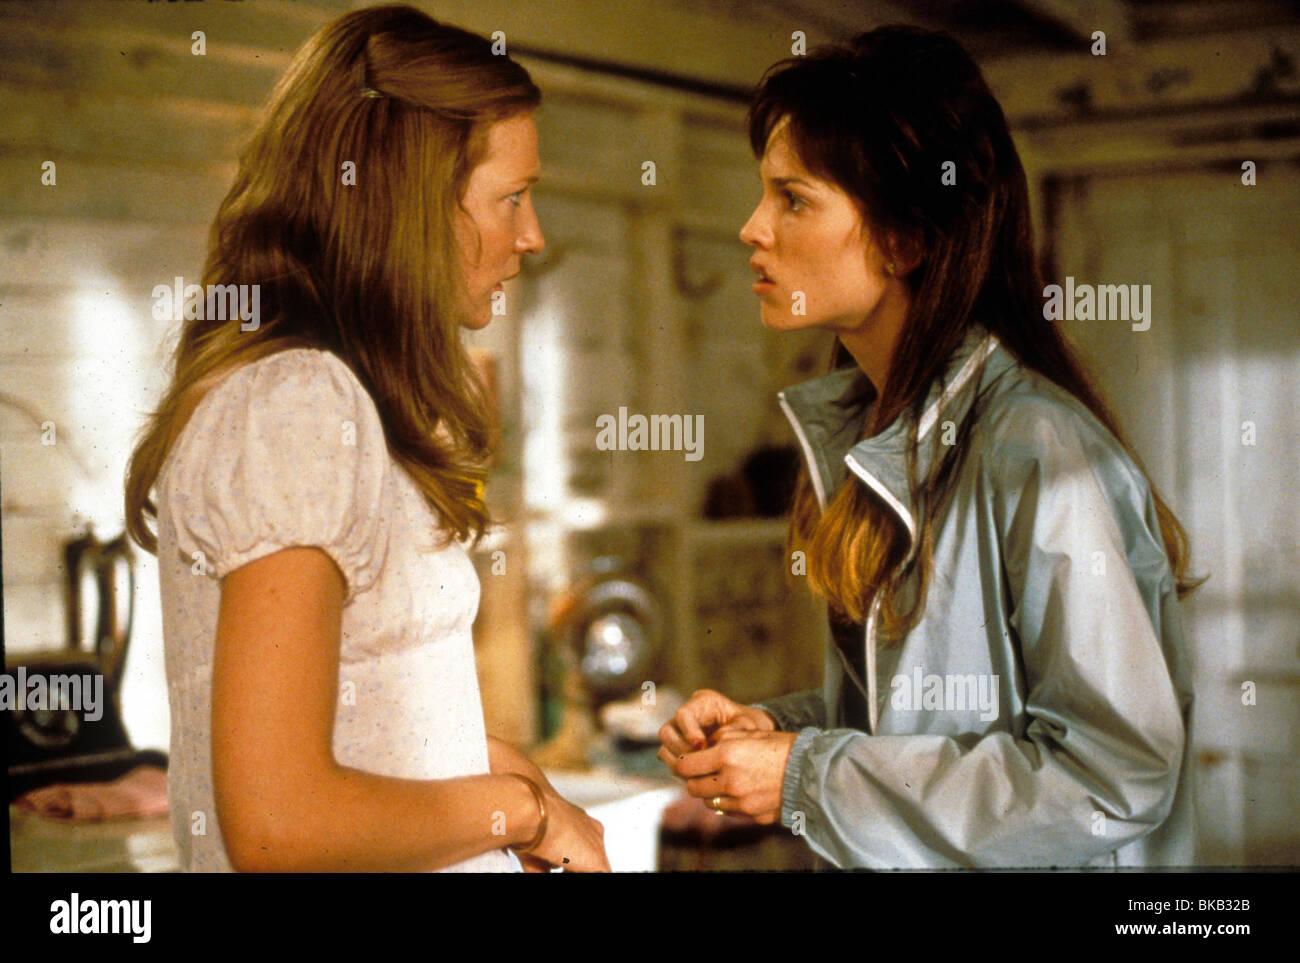 THE GIFT (2000) CATE BLANCHETT, HILARY SWANK TGFT 041 Stock Photo ...